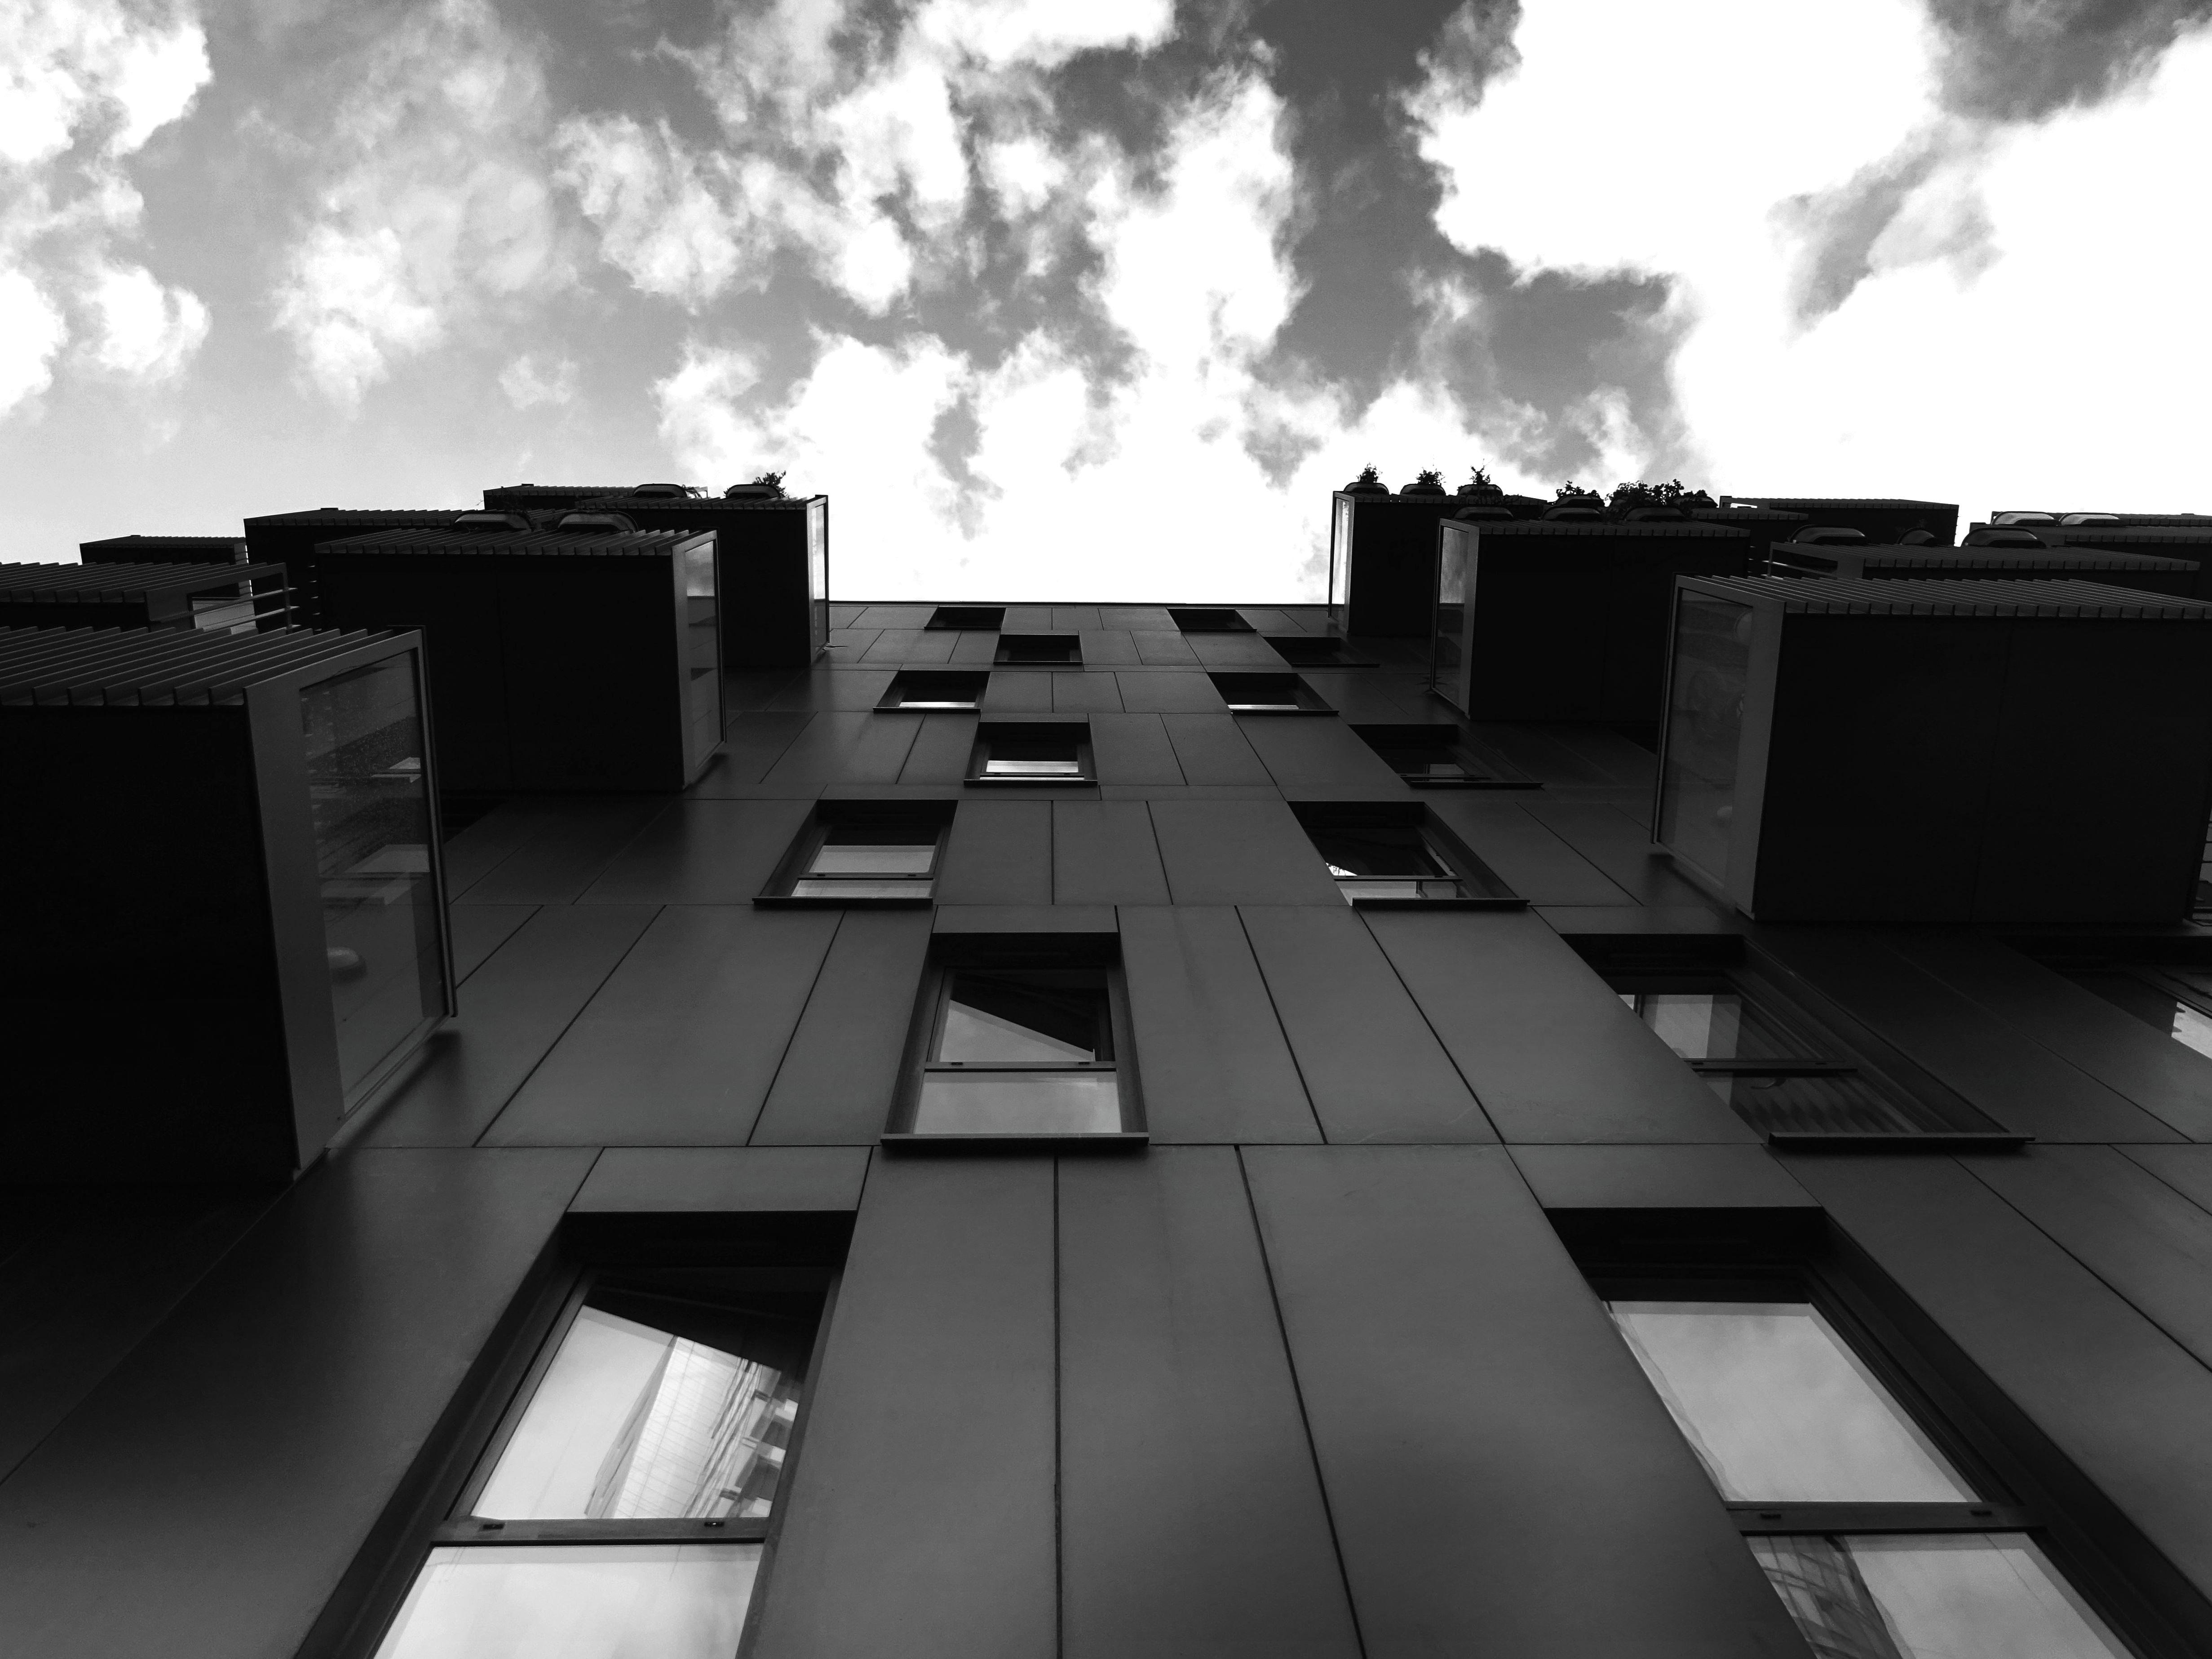 Kostenlose bild geb ude wolken wohnung architektur balkon fenster - Fenster beschlagen von innen wohnung ...